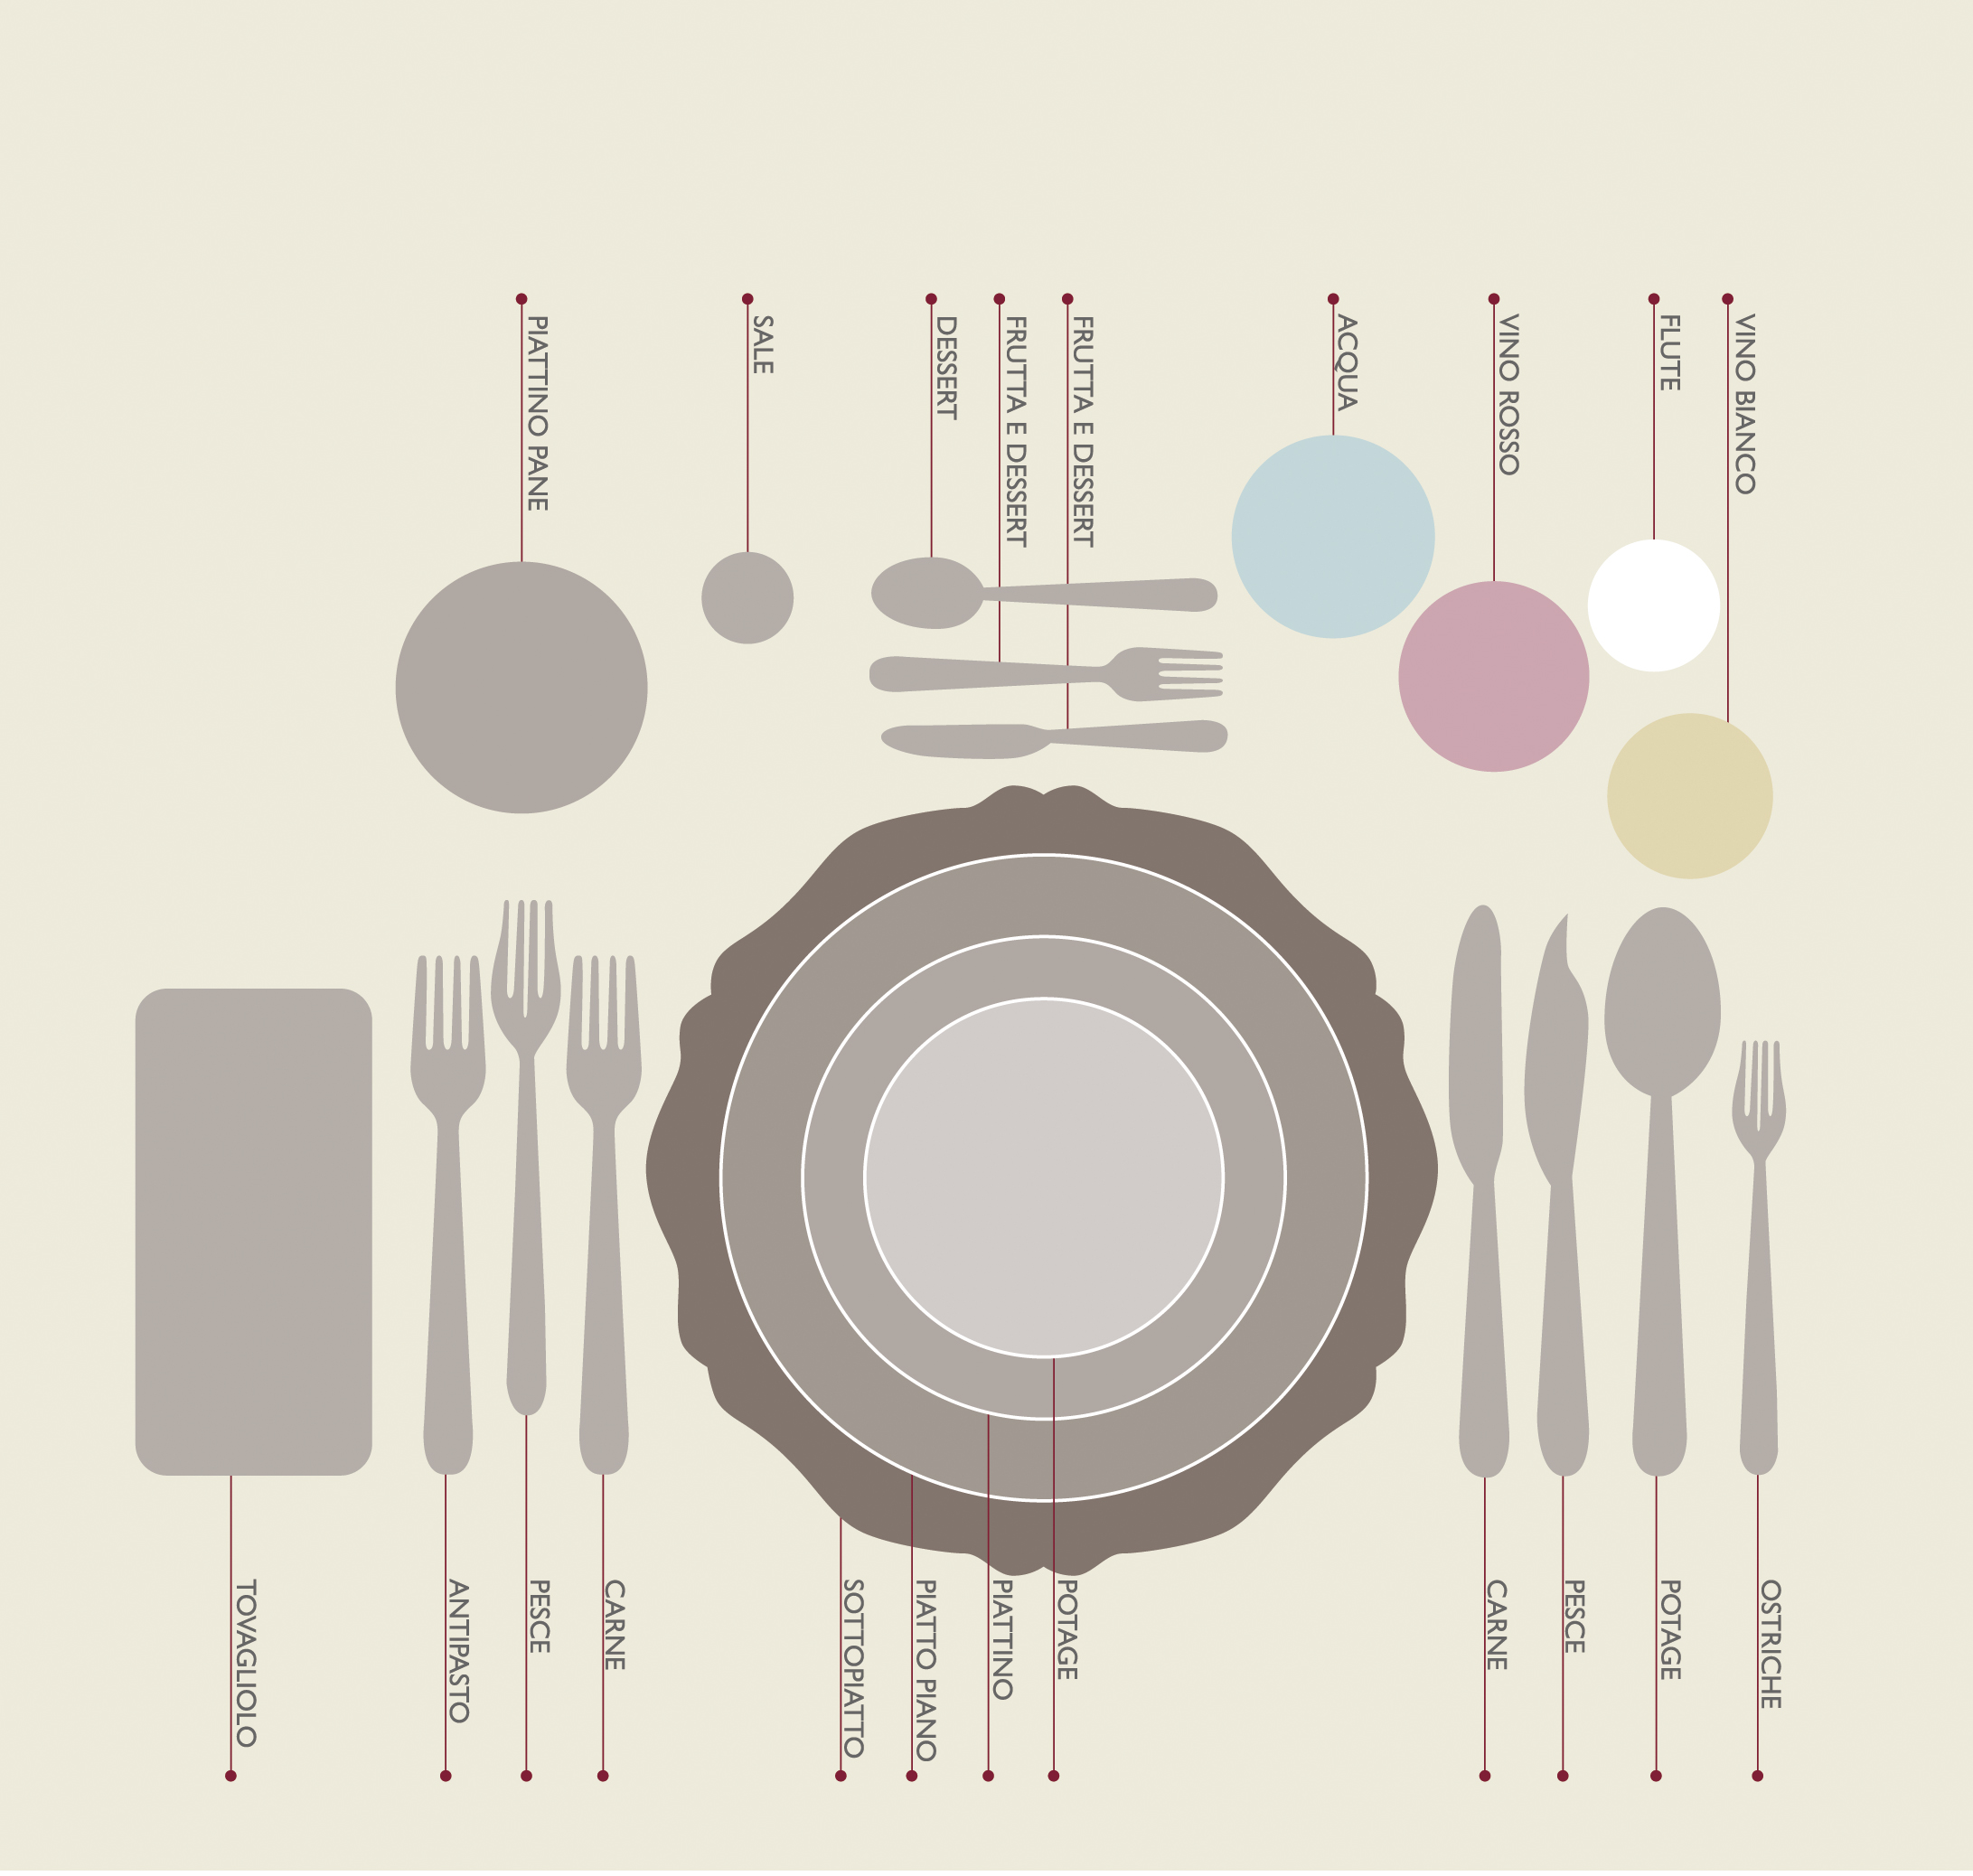 Cardamomobonton gli scivoloni pi frequenti a tavola - Disposizione bicchieri a tavola ...